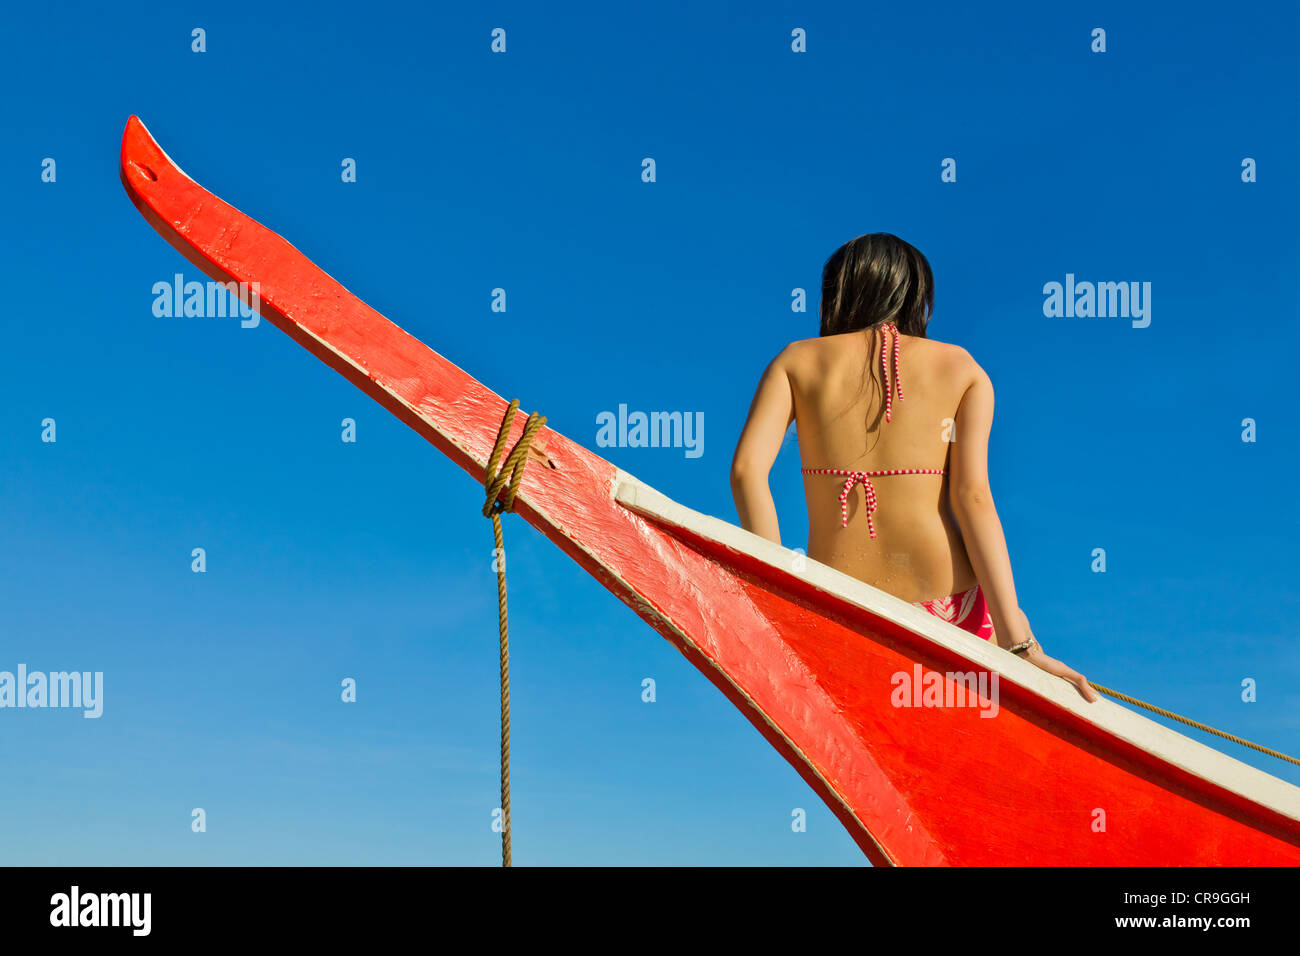 Mujer sentada en barco pintadas de rojo, la isla de Bohol, Filipinas Imagen De Stock